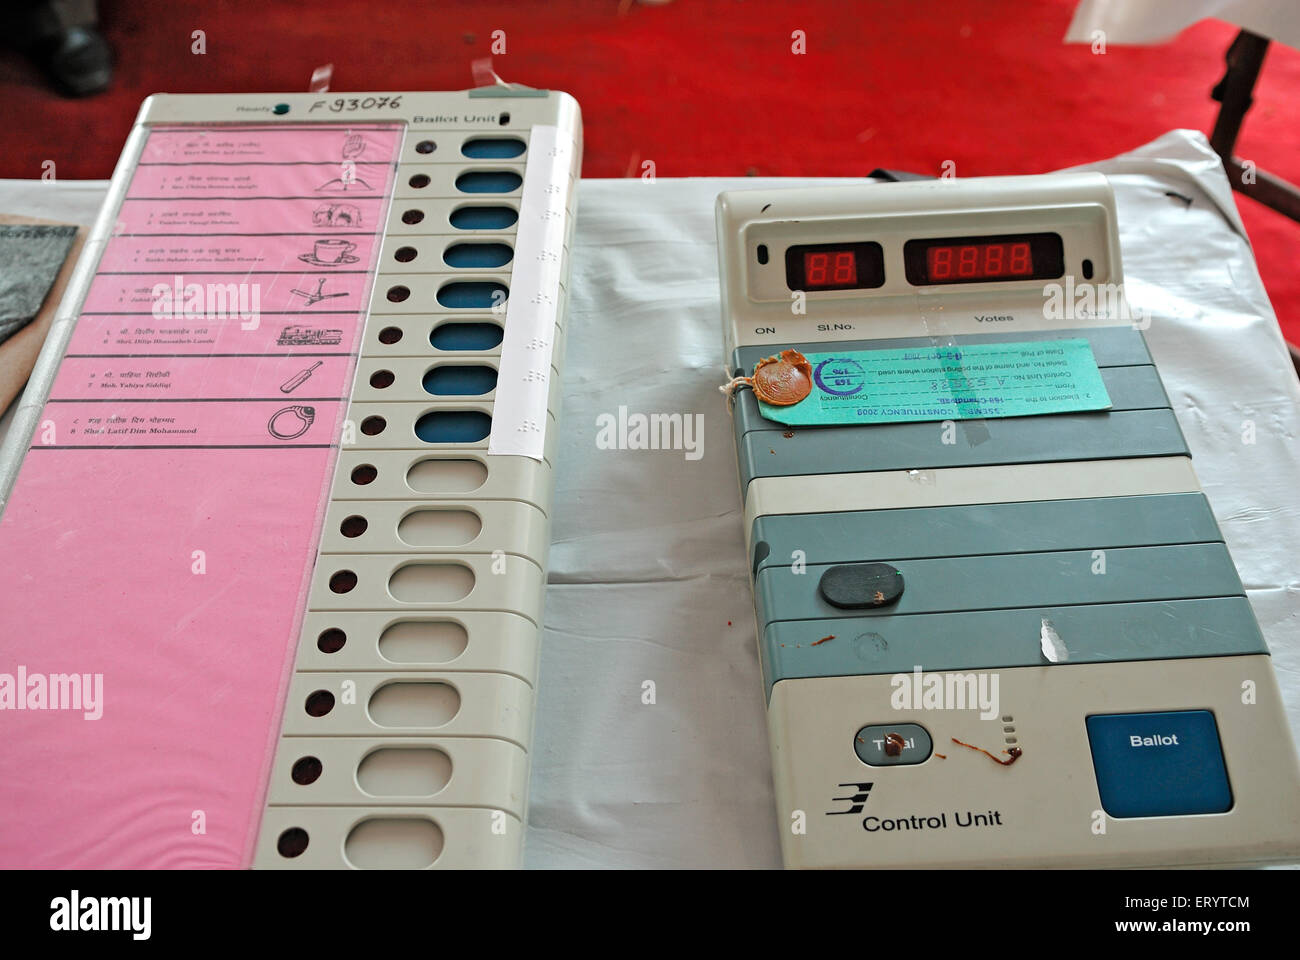 Electronic voting machine for Elections Bombay Mumbai Maharashtra India - Stock Image